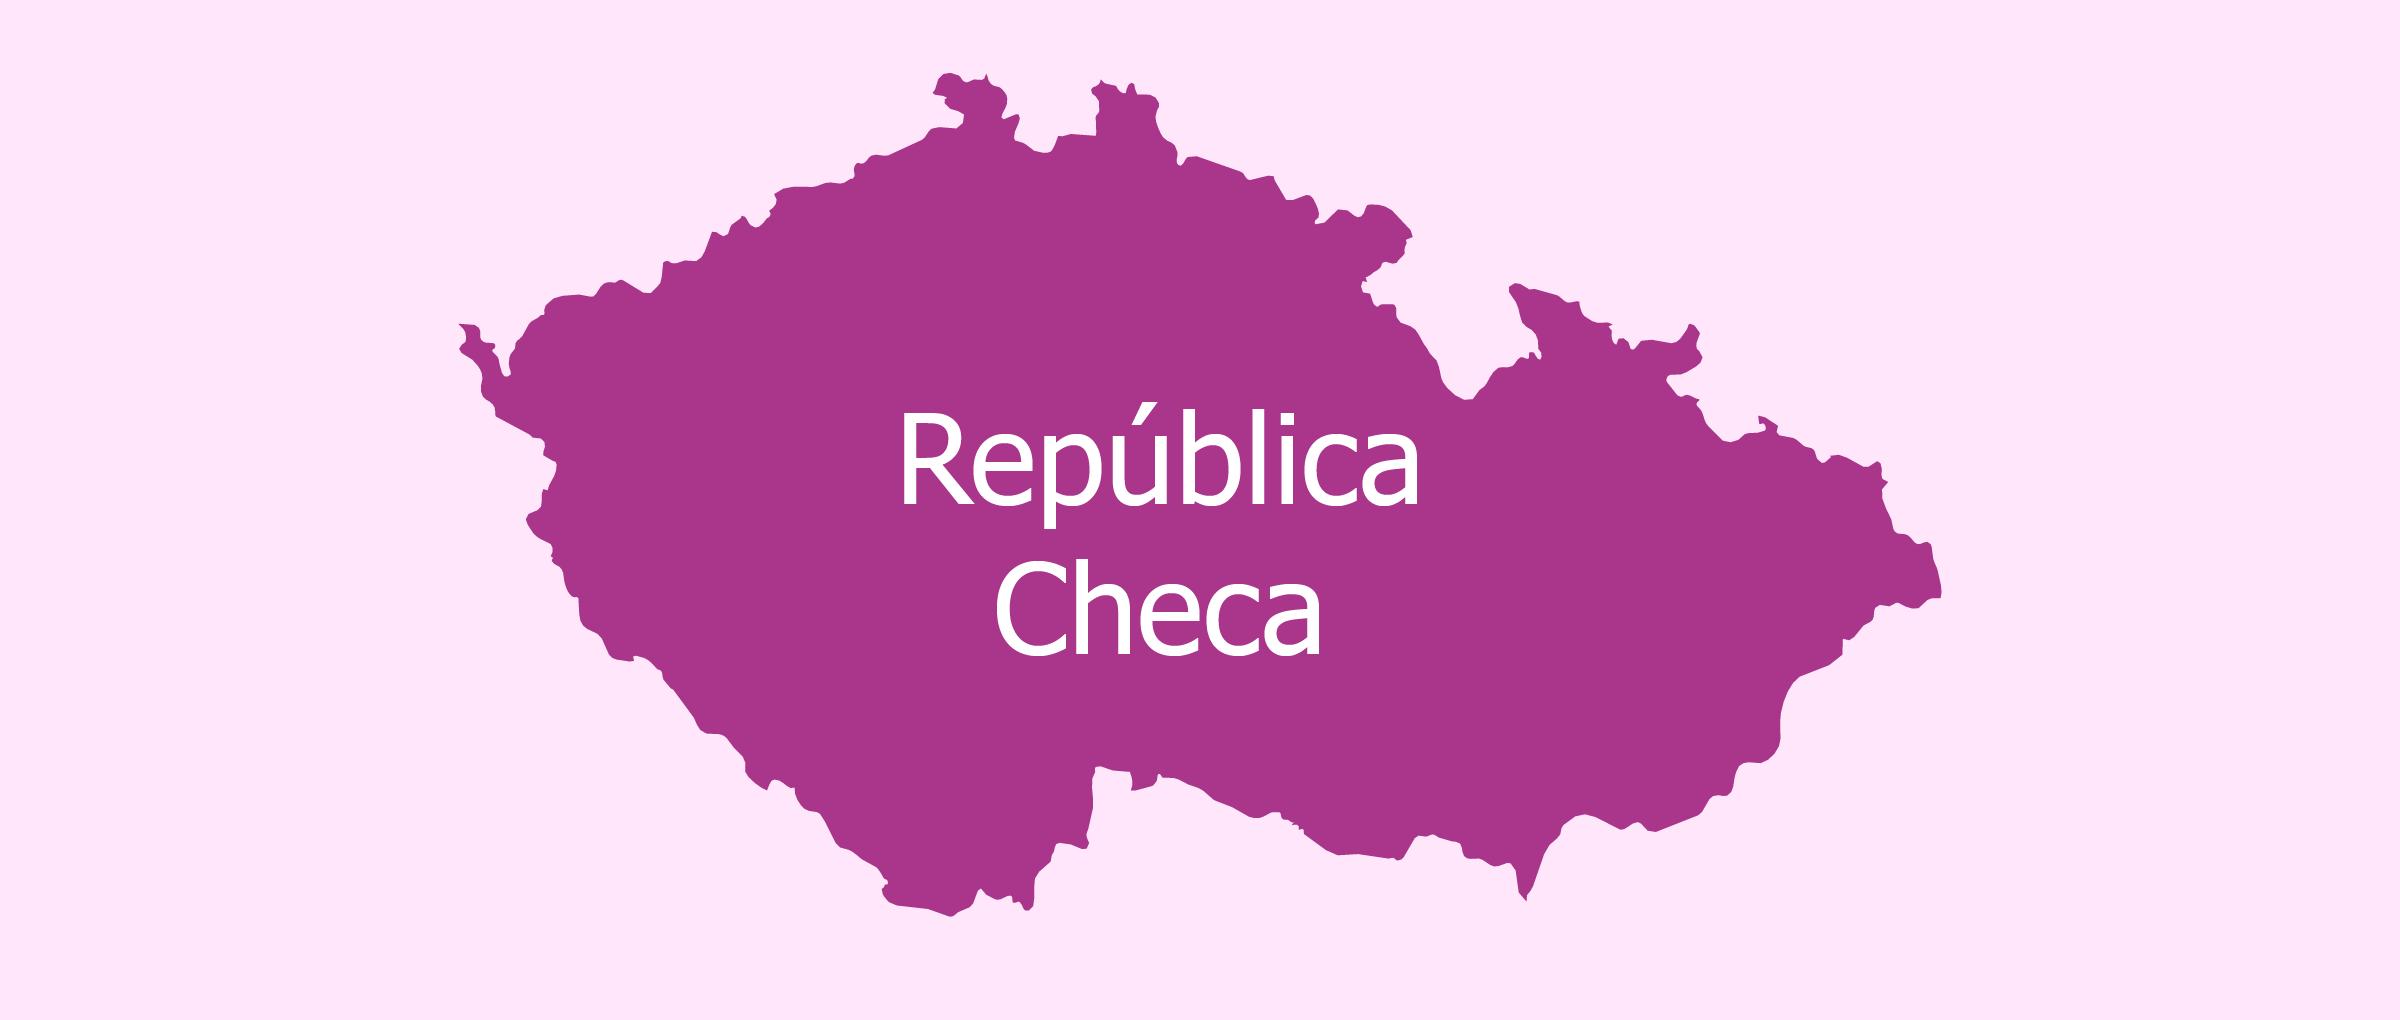 Precios en Republica Checa